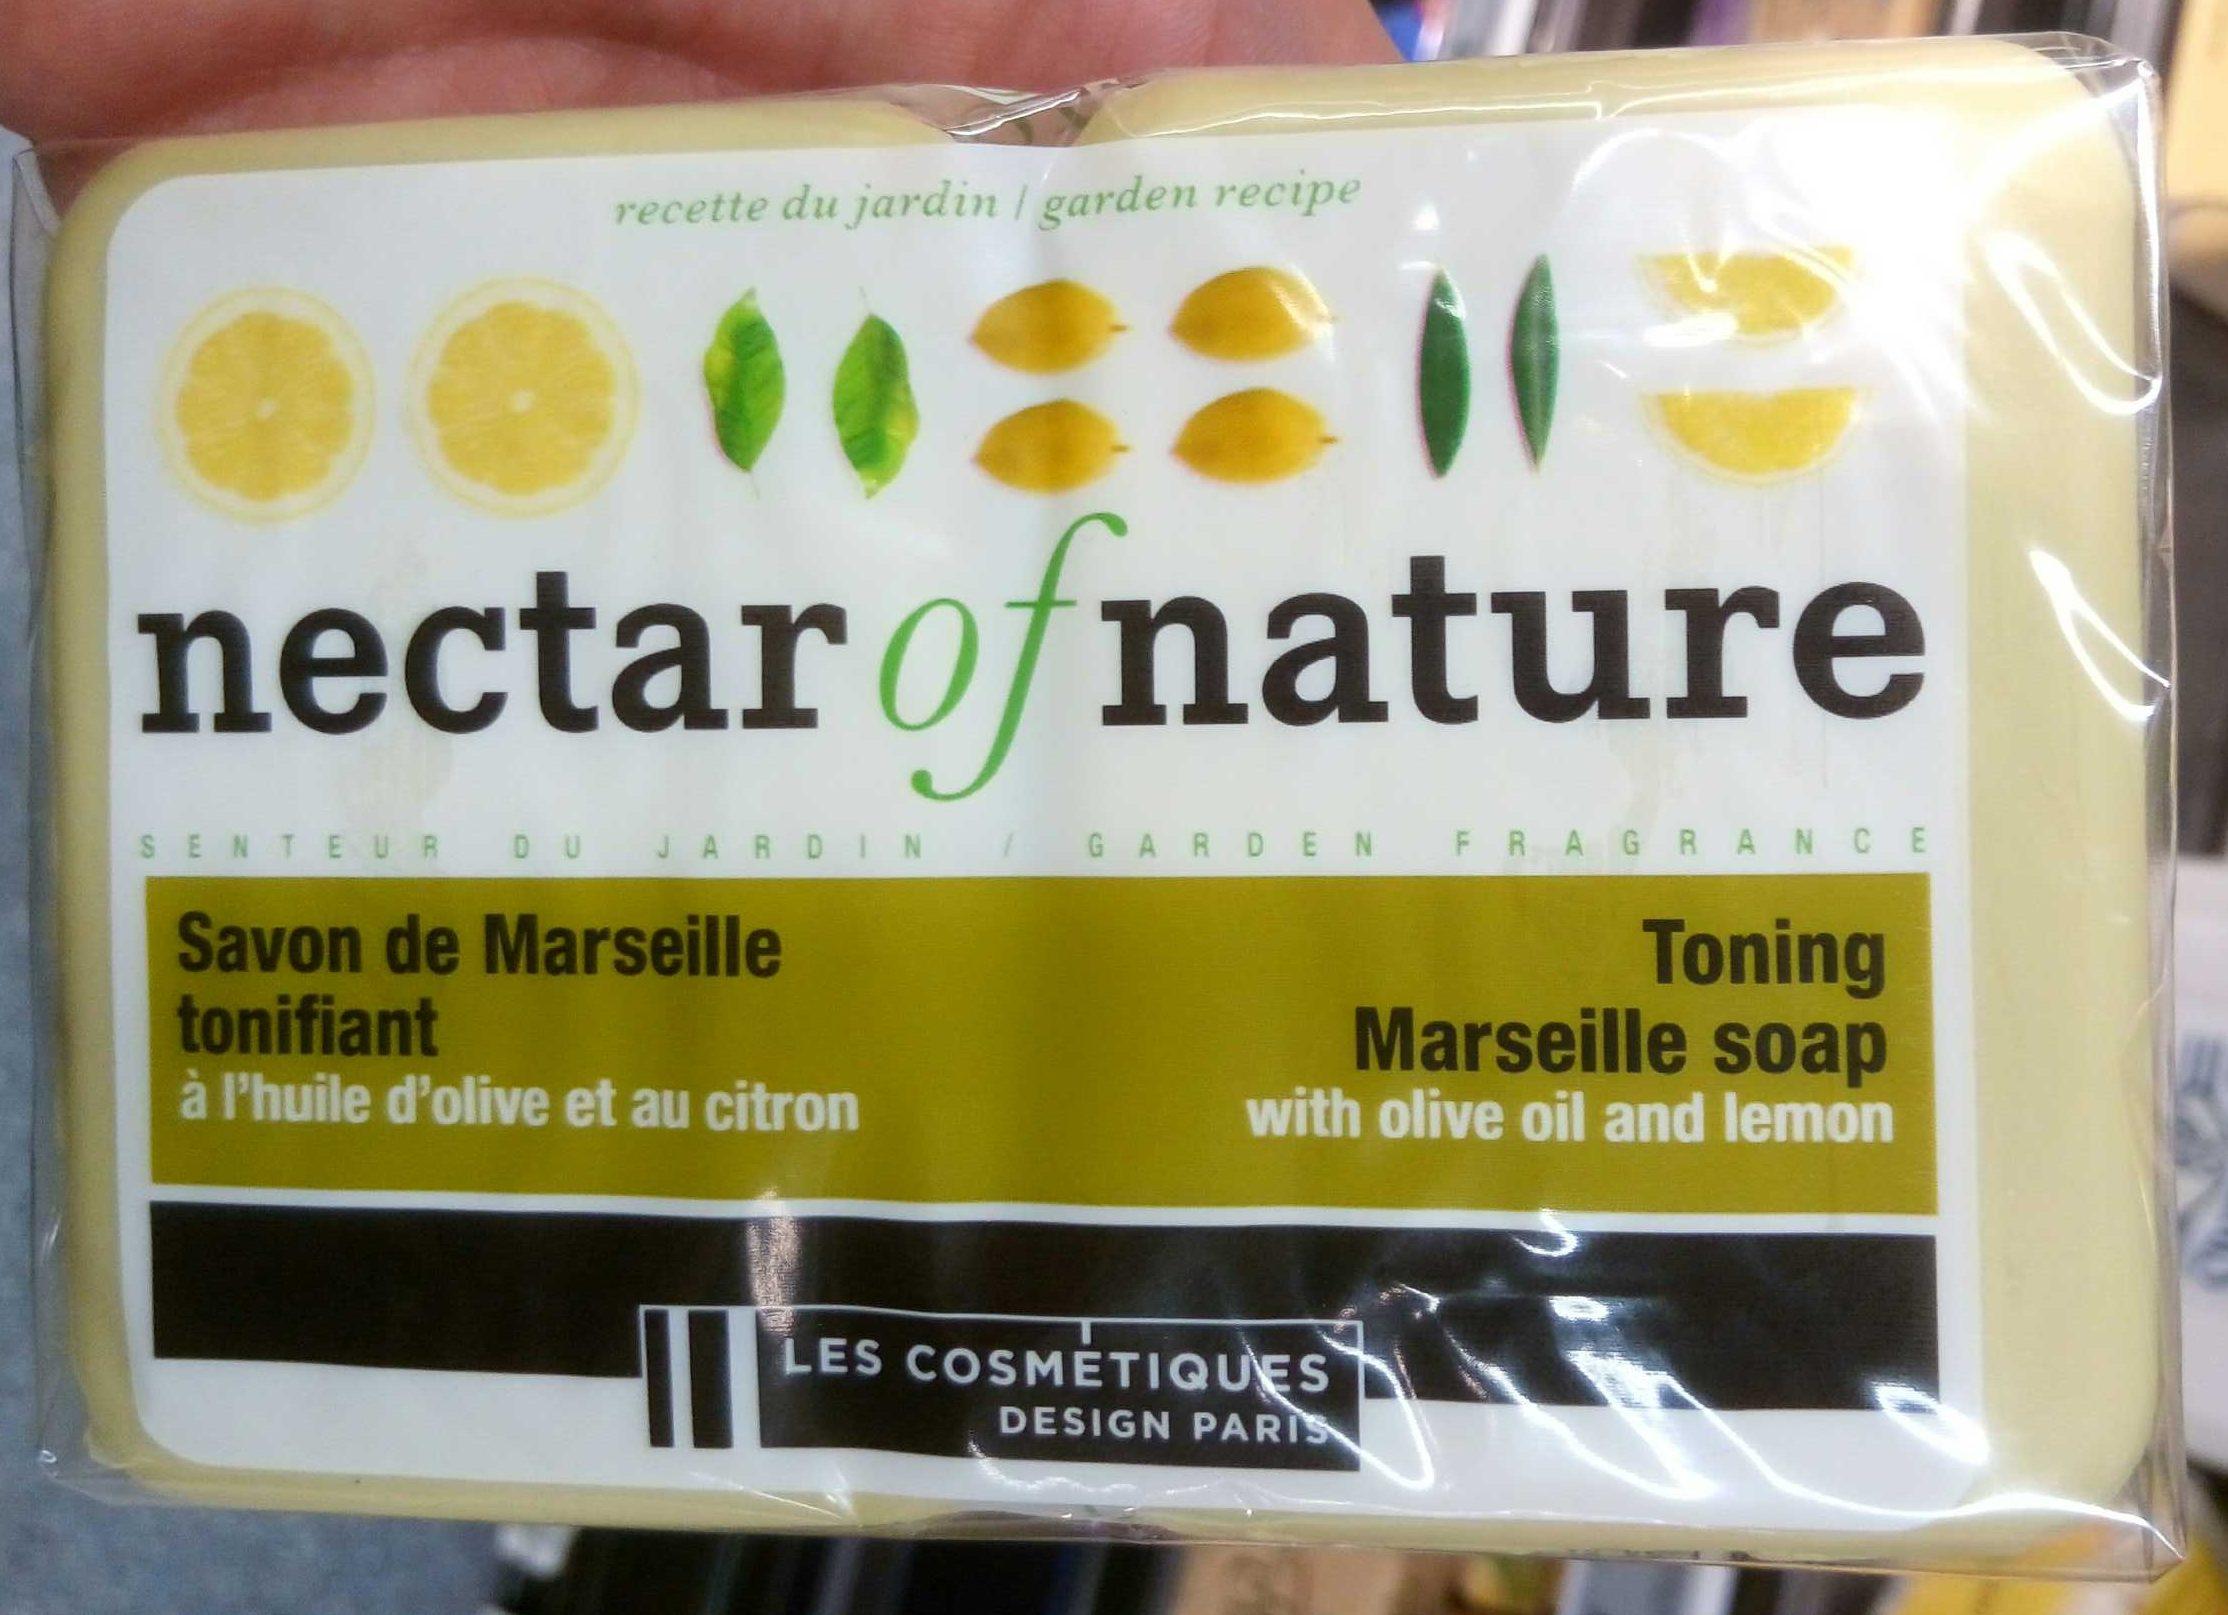 Savon de Marseille tonifiant, à l'huile d'olive et au citron - Product - fr